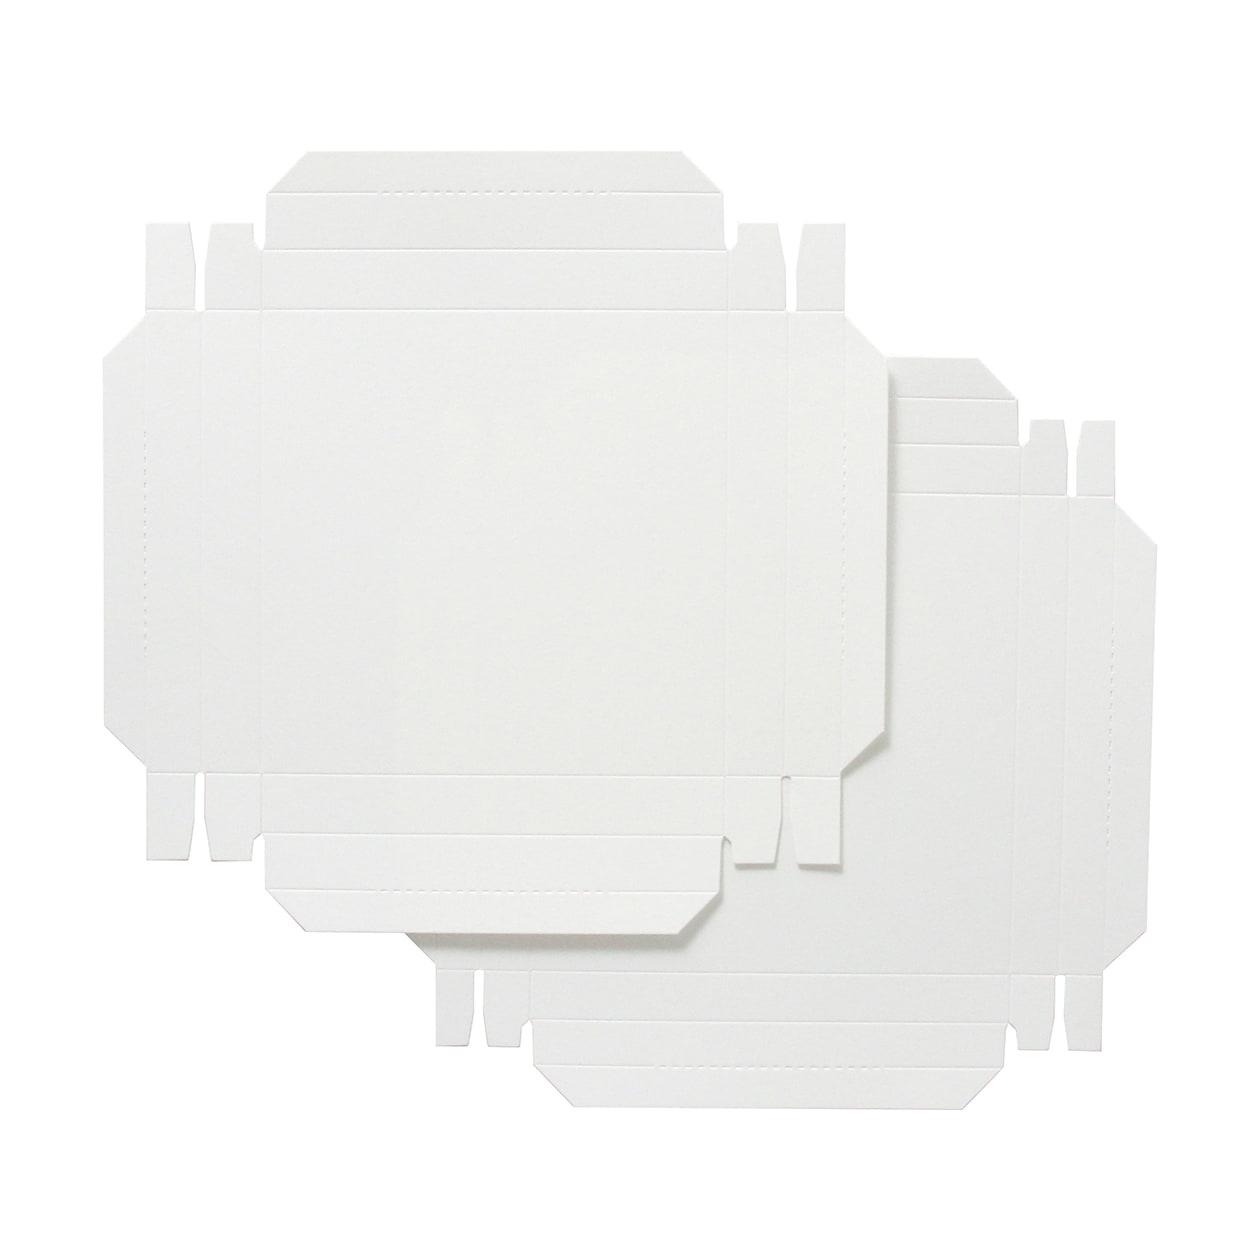 組箱 130×130×15 コットン スノーホワイト 232.8g